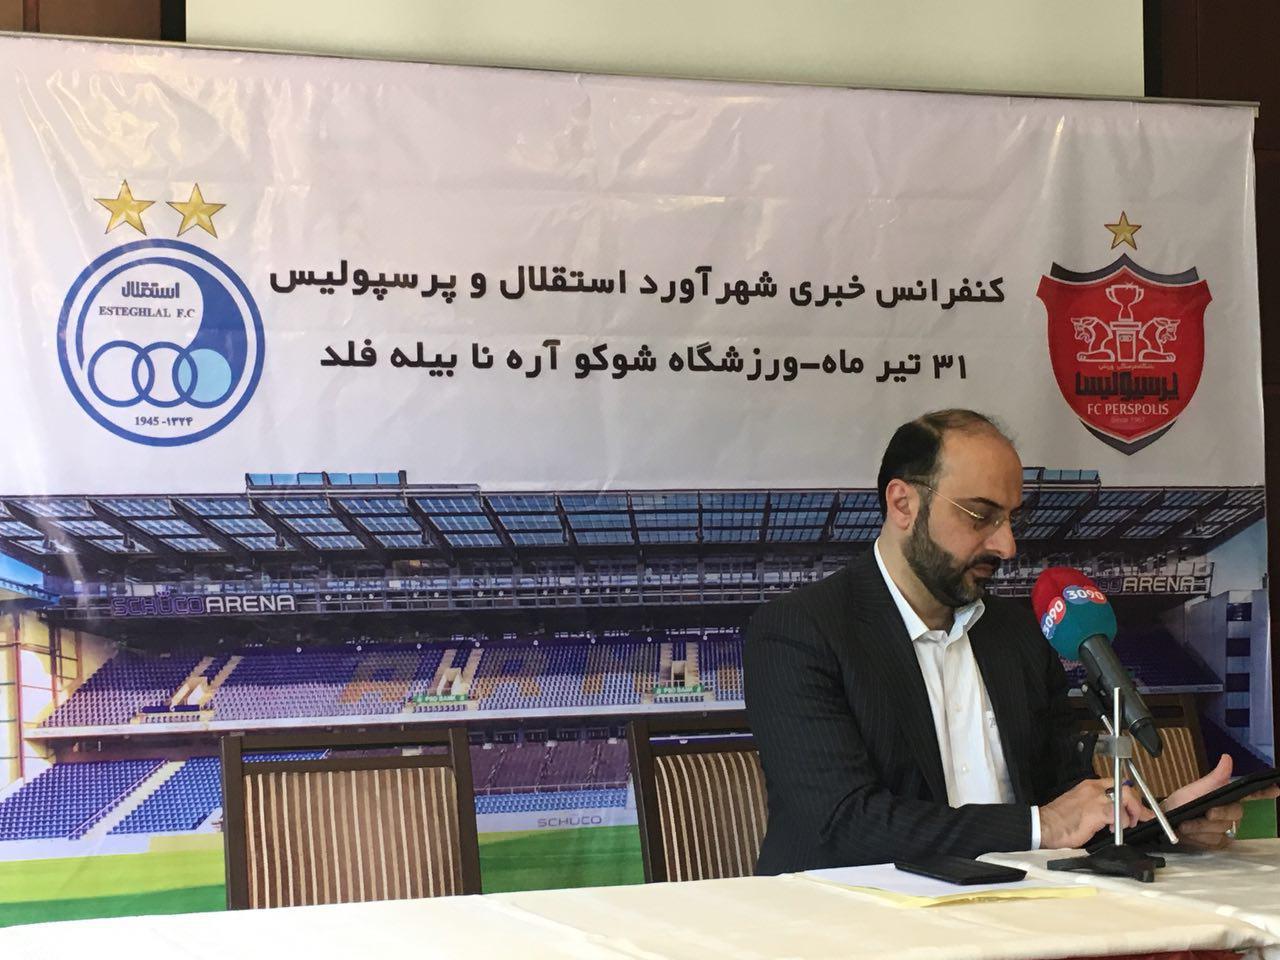 شیرازی : توافقات به دست آمده باعث شد تا نام همراه اول روی پیراهن پرسپولیس و استقلال بازگردد